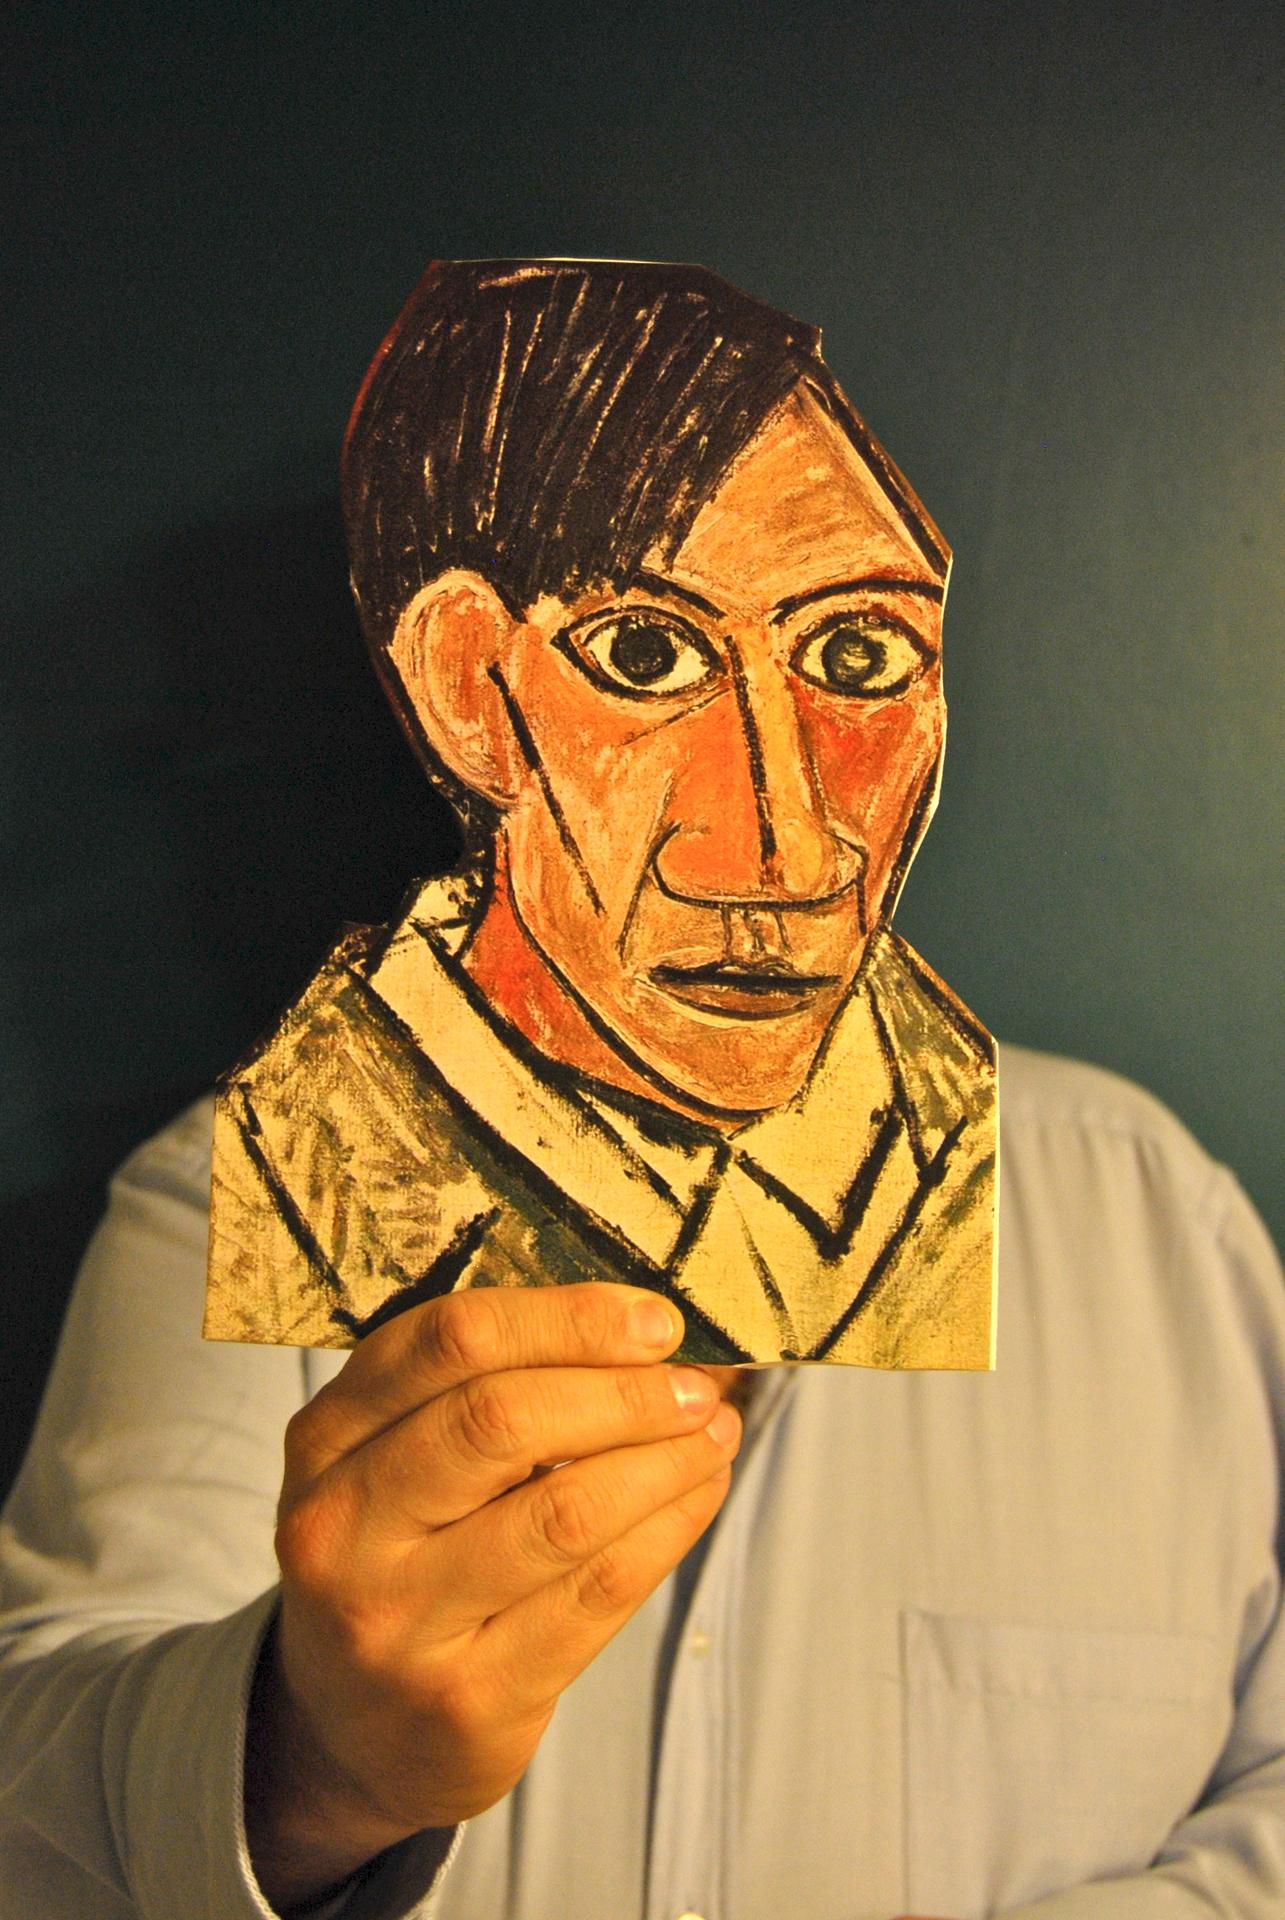 La figure humaine du peintre